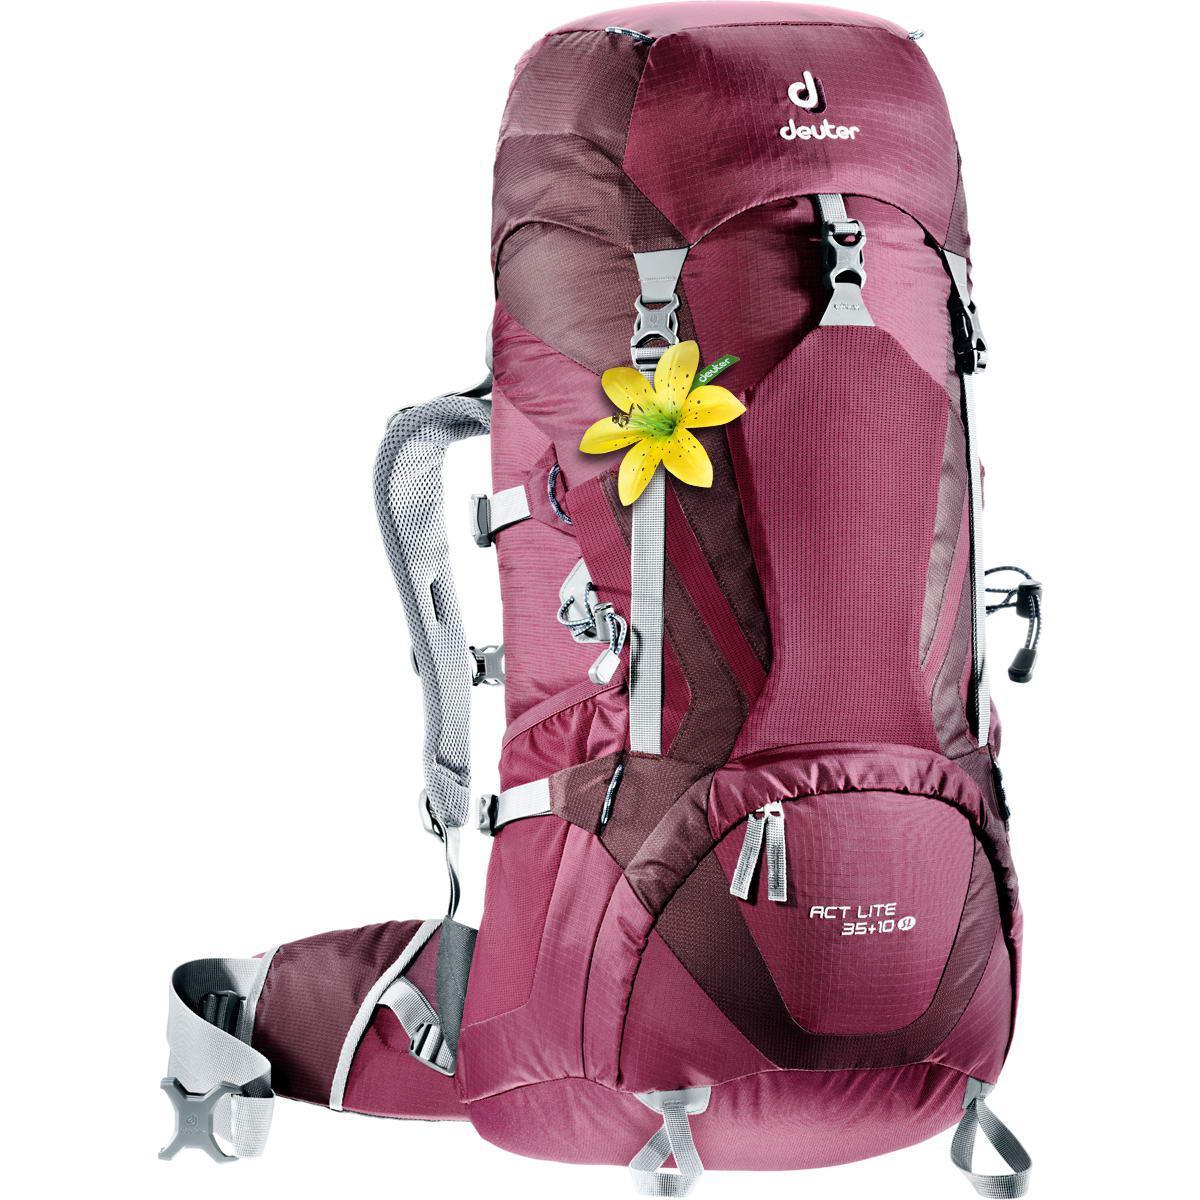 Треккинговый рюкзак для женщин Deuter ACT Lite 35+10 SL blackberry-aubergine (3340015 5530)